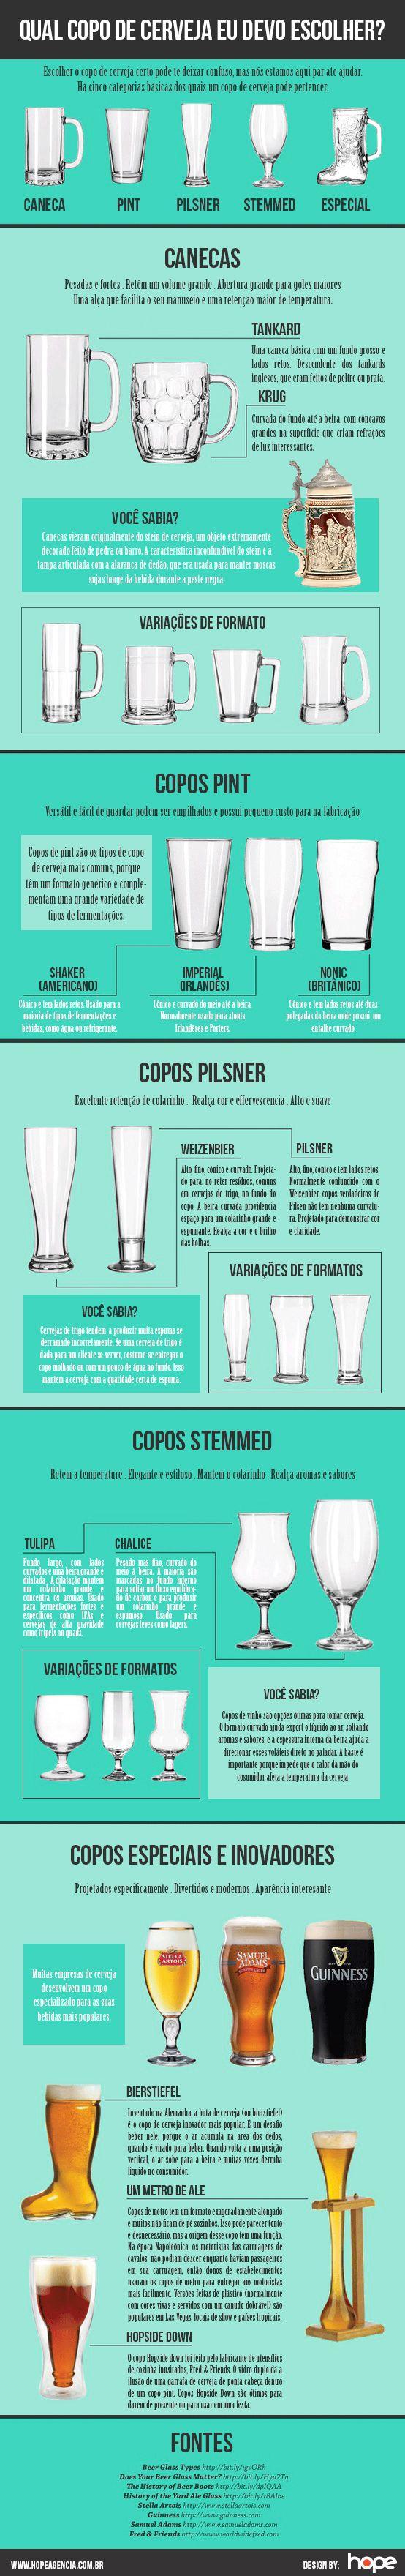 Infográfico sobre os copos ideias para consumir cerveja! by Hope Productions: